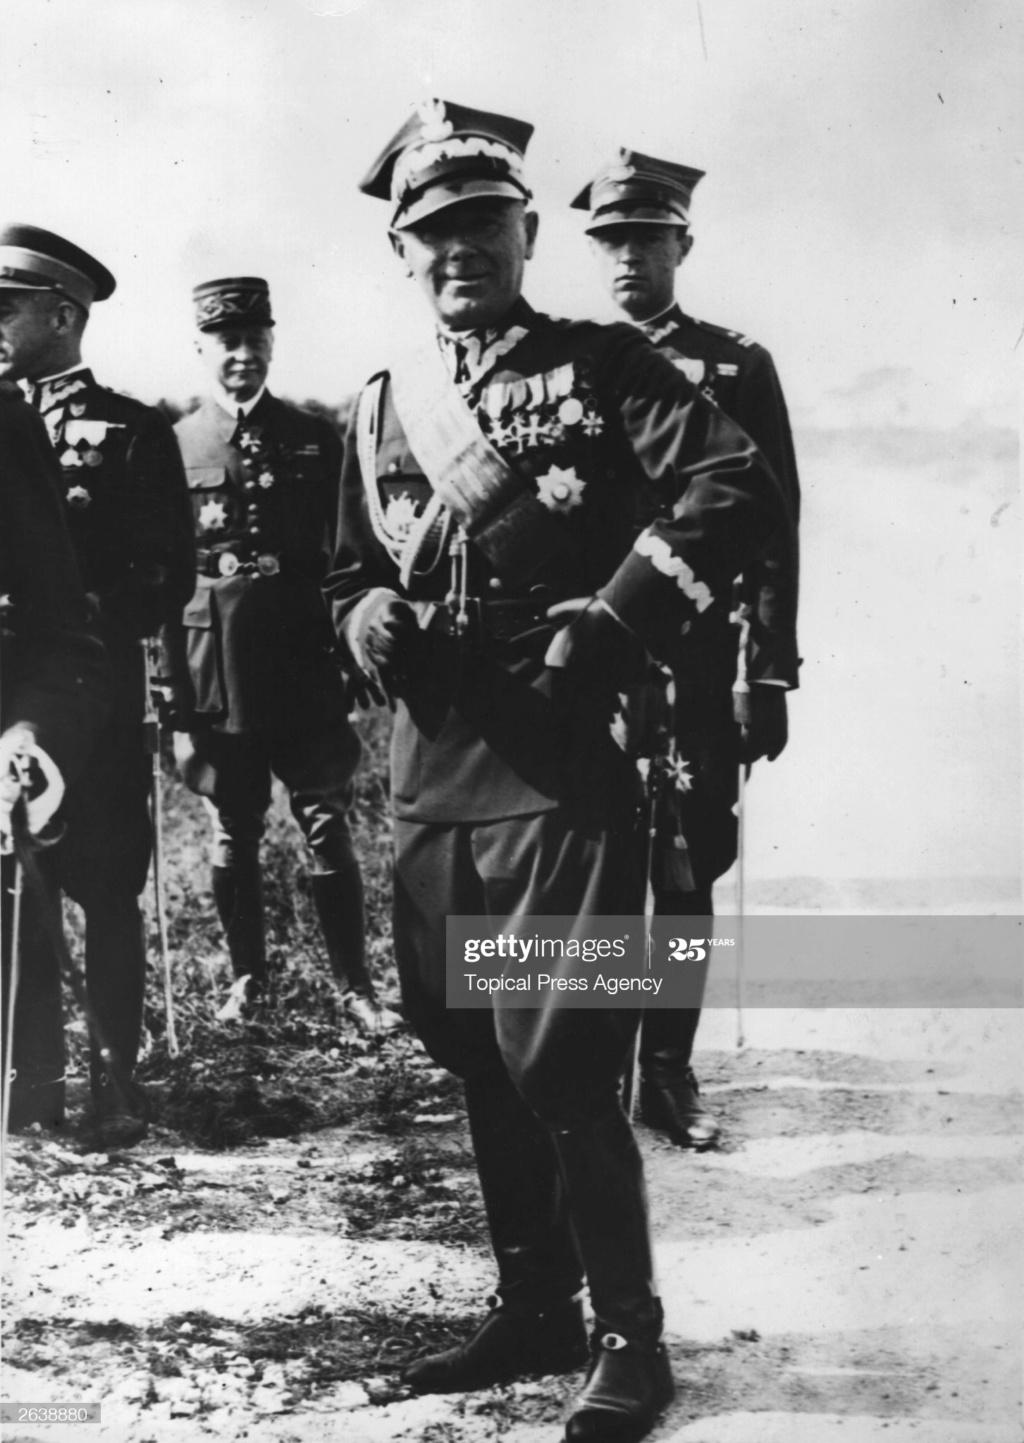 Généraux polonais 1939/1940 Smigly11